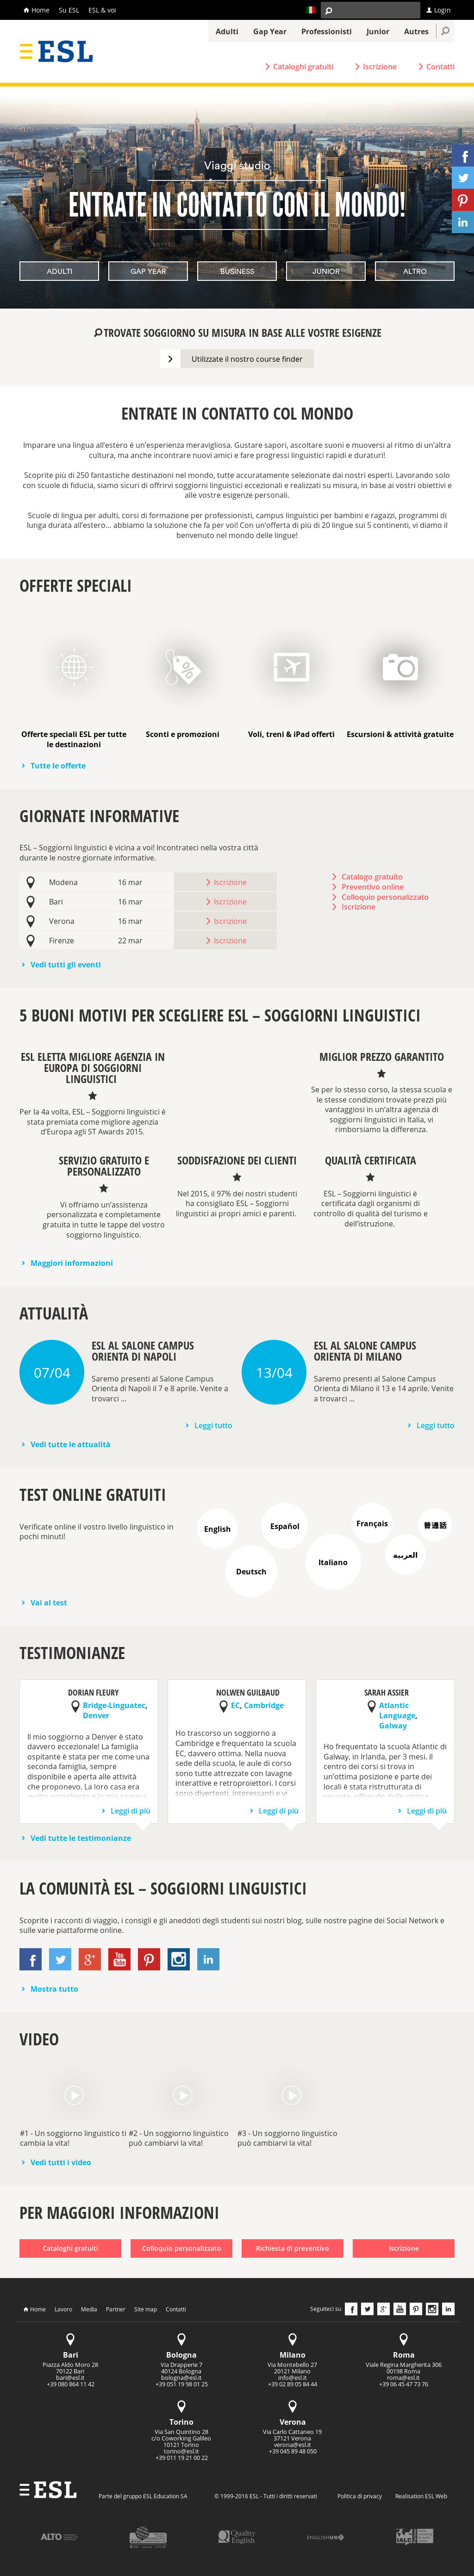 Esl - Soggiorni Linguistici Competitors, Revenue and ...